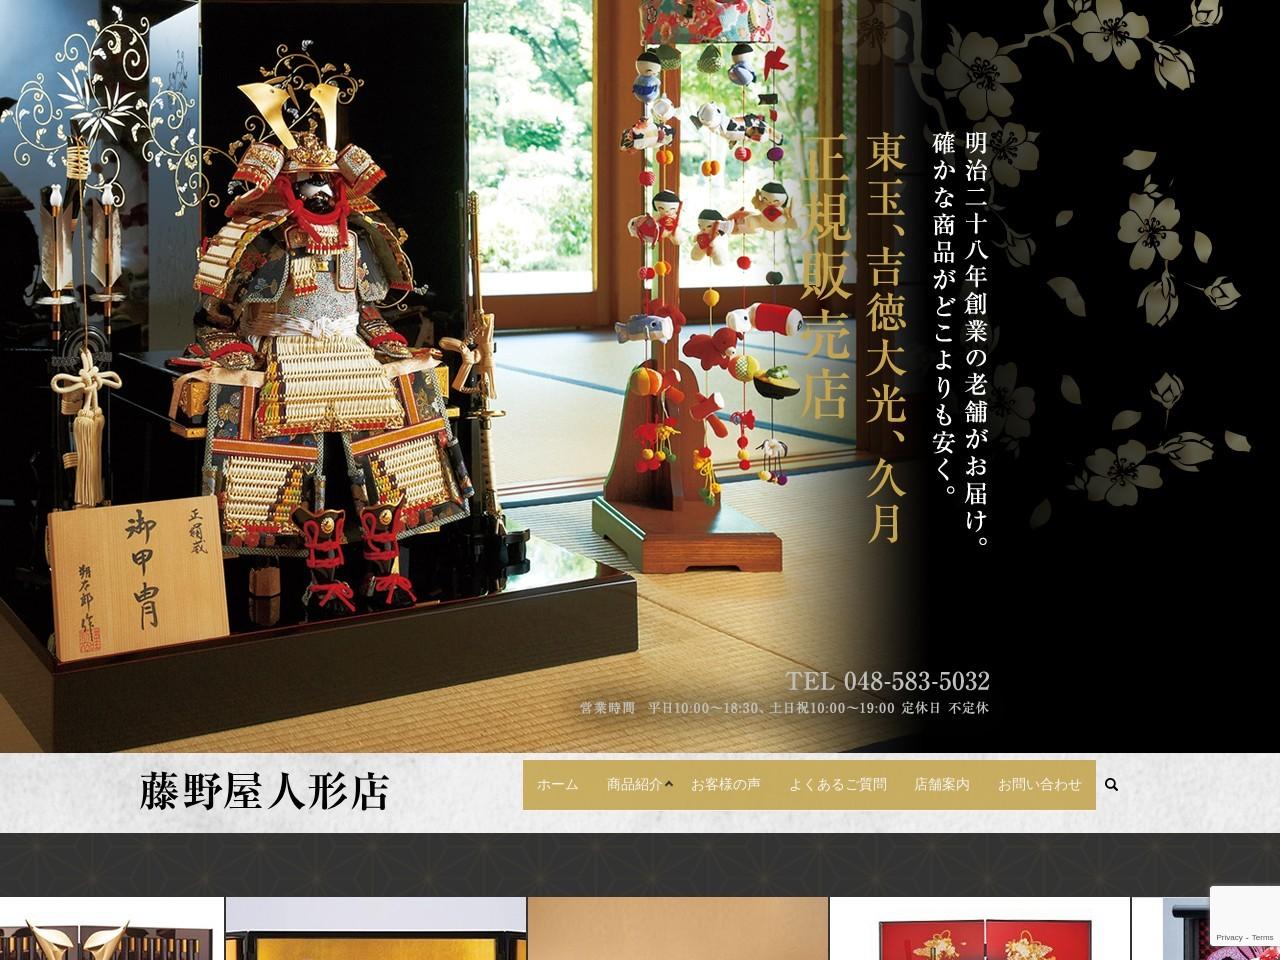 埼玉県深谷市にある人形店「藤野屋人形店」